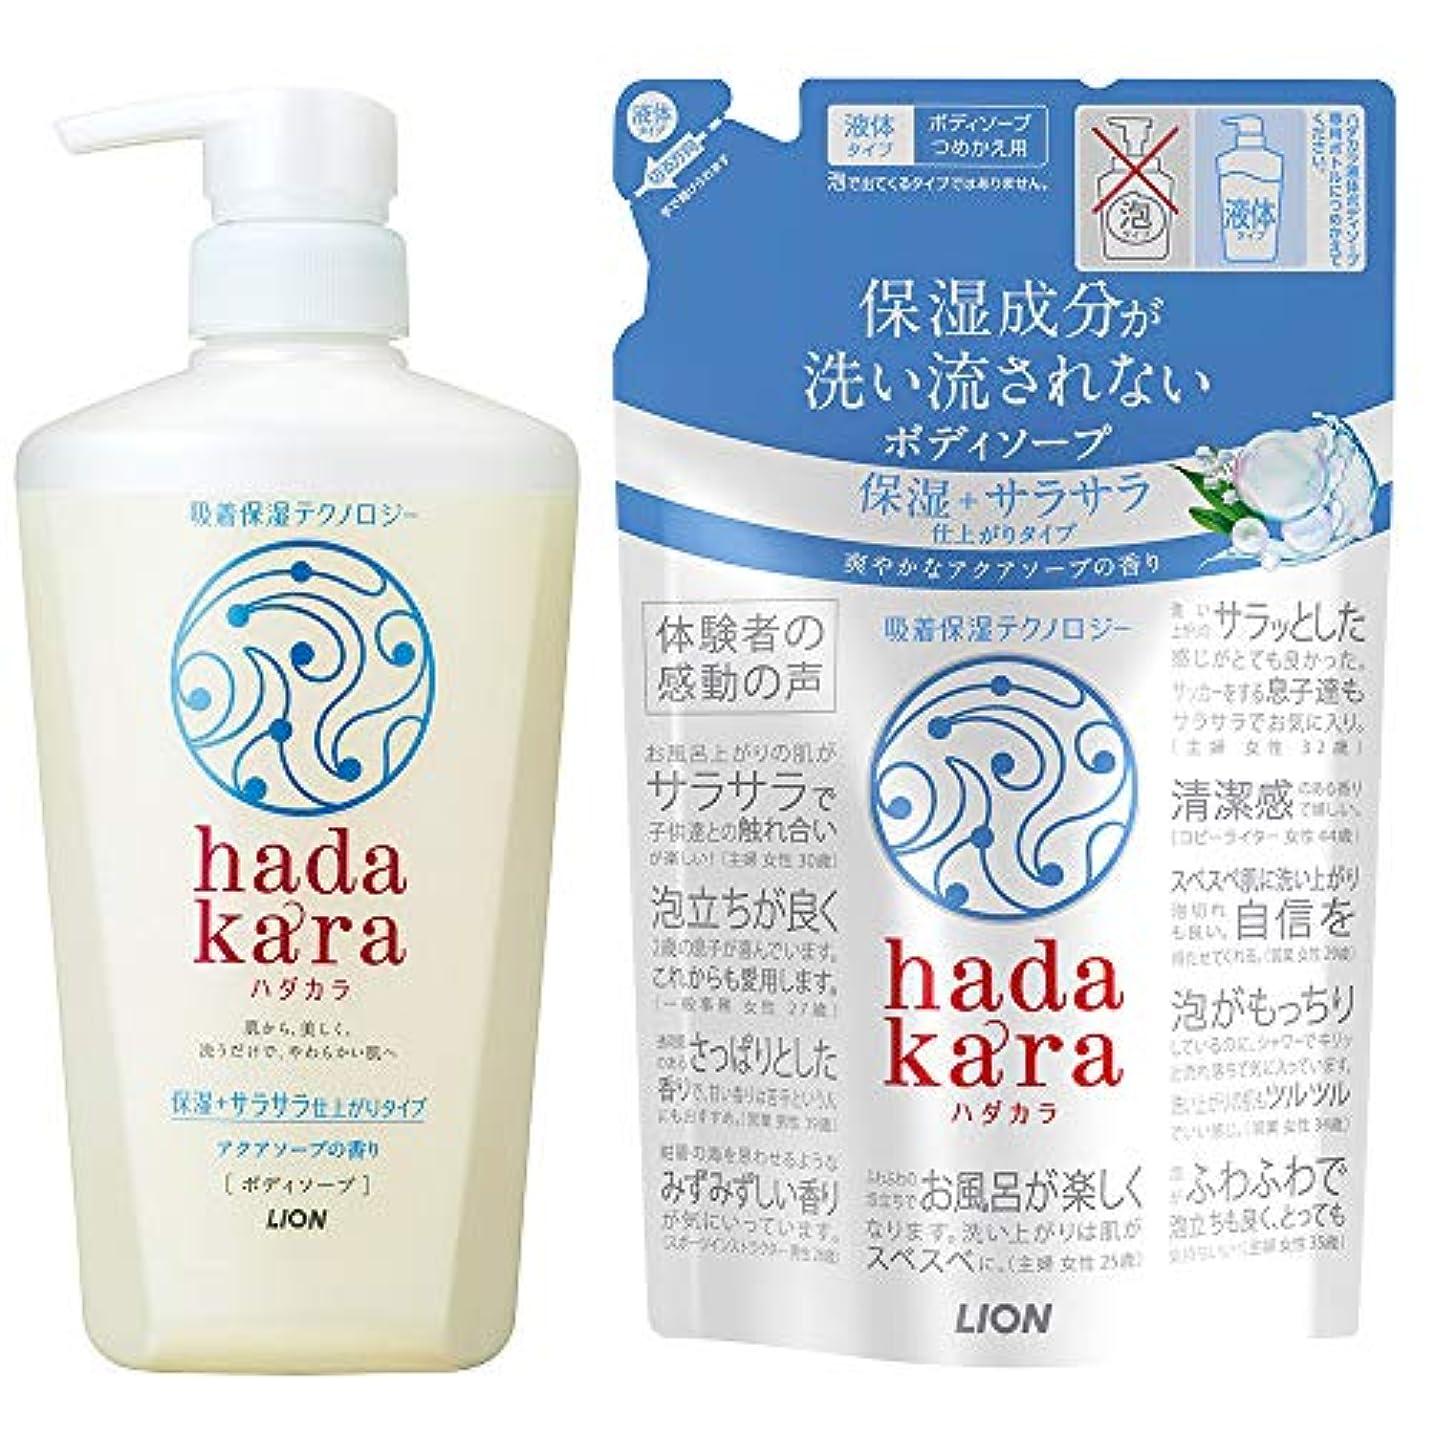 溢れんばかりの現象約hadakara(ハダカラ)ボディソープ 保湿+サラサラ仕上がりタイプ アクアソープの香り 本体 480ml + つめかえ 340ml